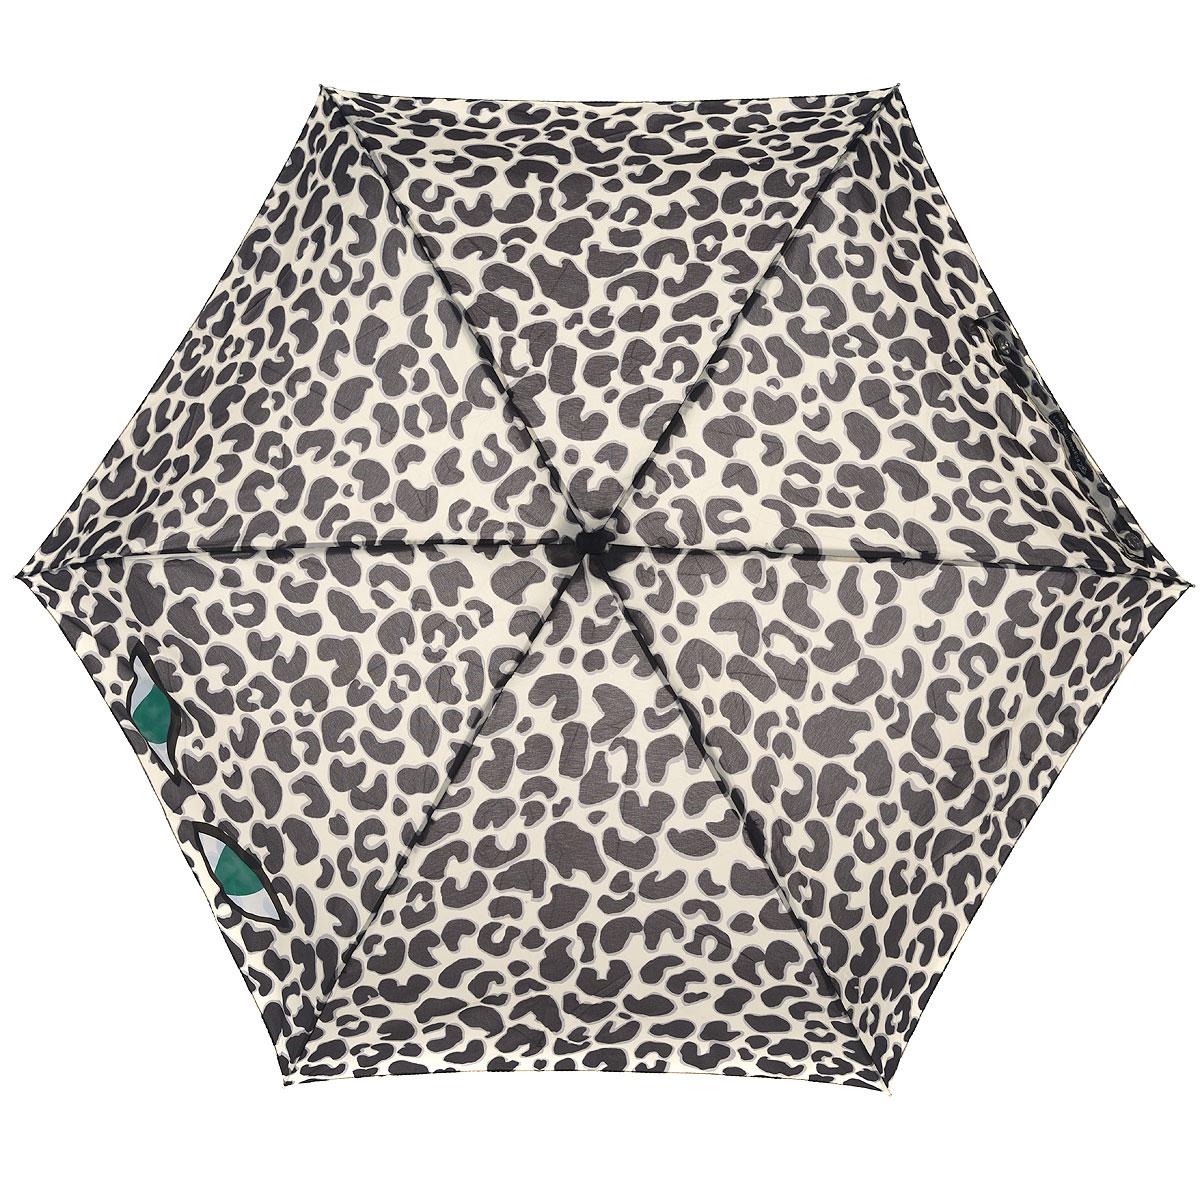 """Зонт женский Lulu Guinness Leopard Eye, механический, 5 сложений, цвет: бежевый, черныйП250070003-9Стильный зонт """"Leopard Eye"""" защитит от непогоды, а его сверхкомпактный размер позволит вам всегда носить его с собой. """"Ветростойкий"""" каркас зонта выполнен из алюминия и состоит из шести спиц с элементами из фибергласса, зонт оснащен удобной рукояткой из пластика. Купол зонта выполнен из прочного полиэстера и оформлен леопардовым принтом. На рукоятке для удобства есть небольшой шнурок, позволяющий надеть зонт на руку тогда, когда это будет необходимо. К зонту прилагается чехол.Зонт механического сложения: купол открывается и закрывается вручную, стержень также складывается вручную до характерного щелчка. Характеристики: Материал: алюминий, фибергласс, пластик, полиэстер. Цвет: бежевый, черный. Диаметр купола: 87 см. Длина зонта в сложенном виде: 15 см. Длина ручки (стержня) в раскрытом виде:50 см.Вес: 158 г. Артикул: L717 3F2682."""